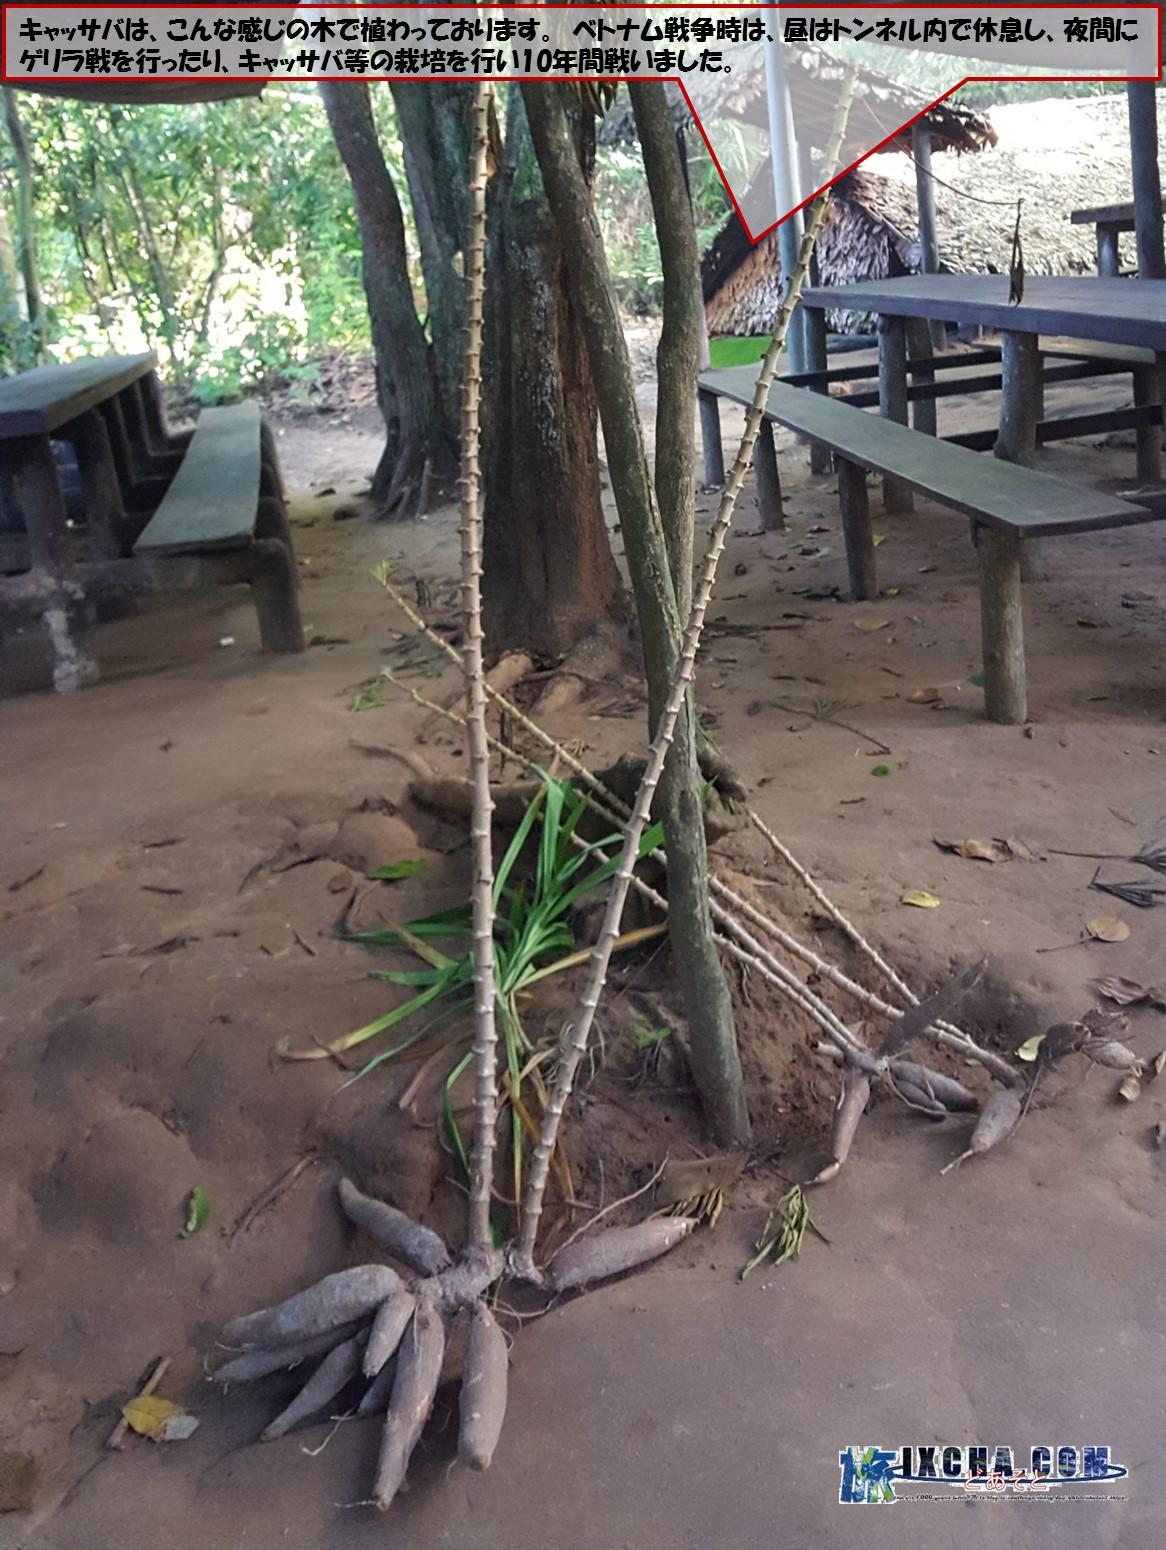 キャッサバは、こんな感じの木で植わっております。 ベトナム戦争時は、昼はトンネル内で休息し、夜間にゲリラ戦を行ったり、キャッサバ等の栽培を行い10年間戦いました。